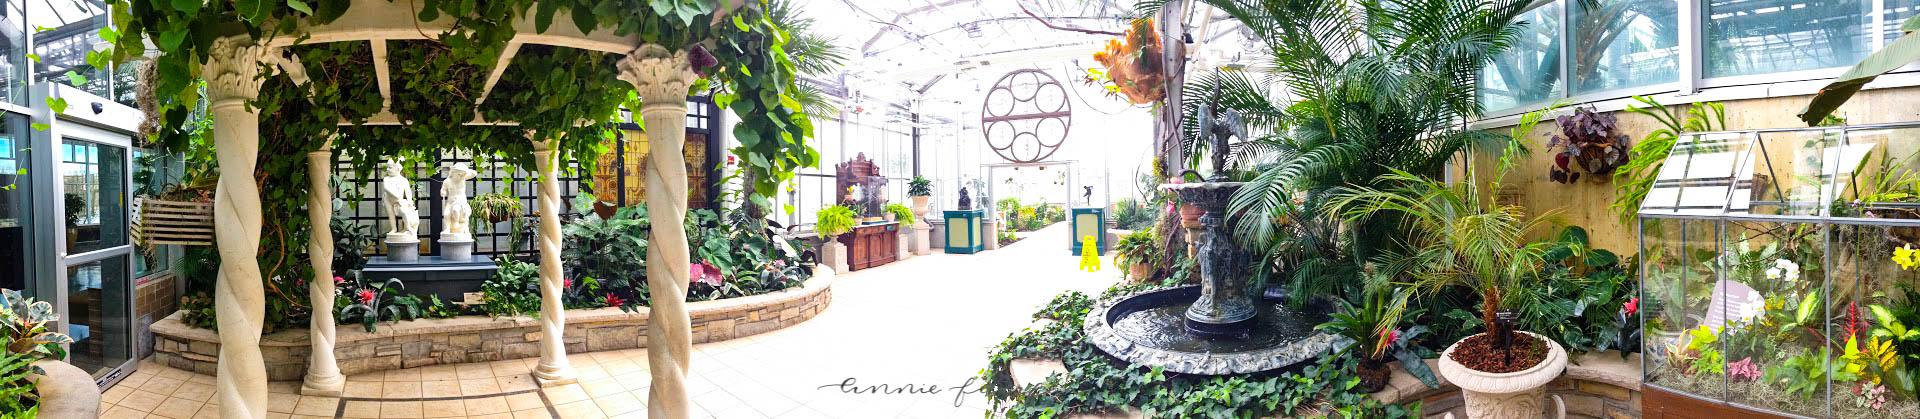 Frederik Meijer Gardens Photographed by Annie Fairfax